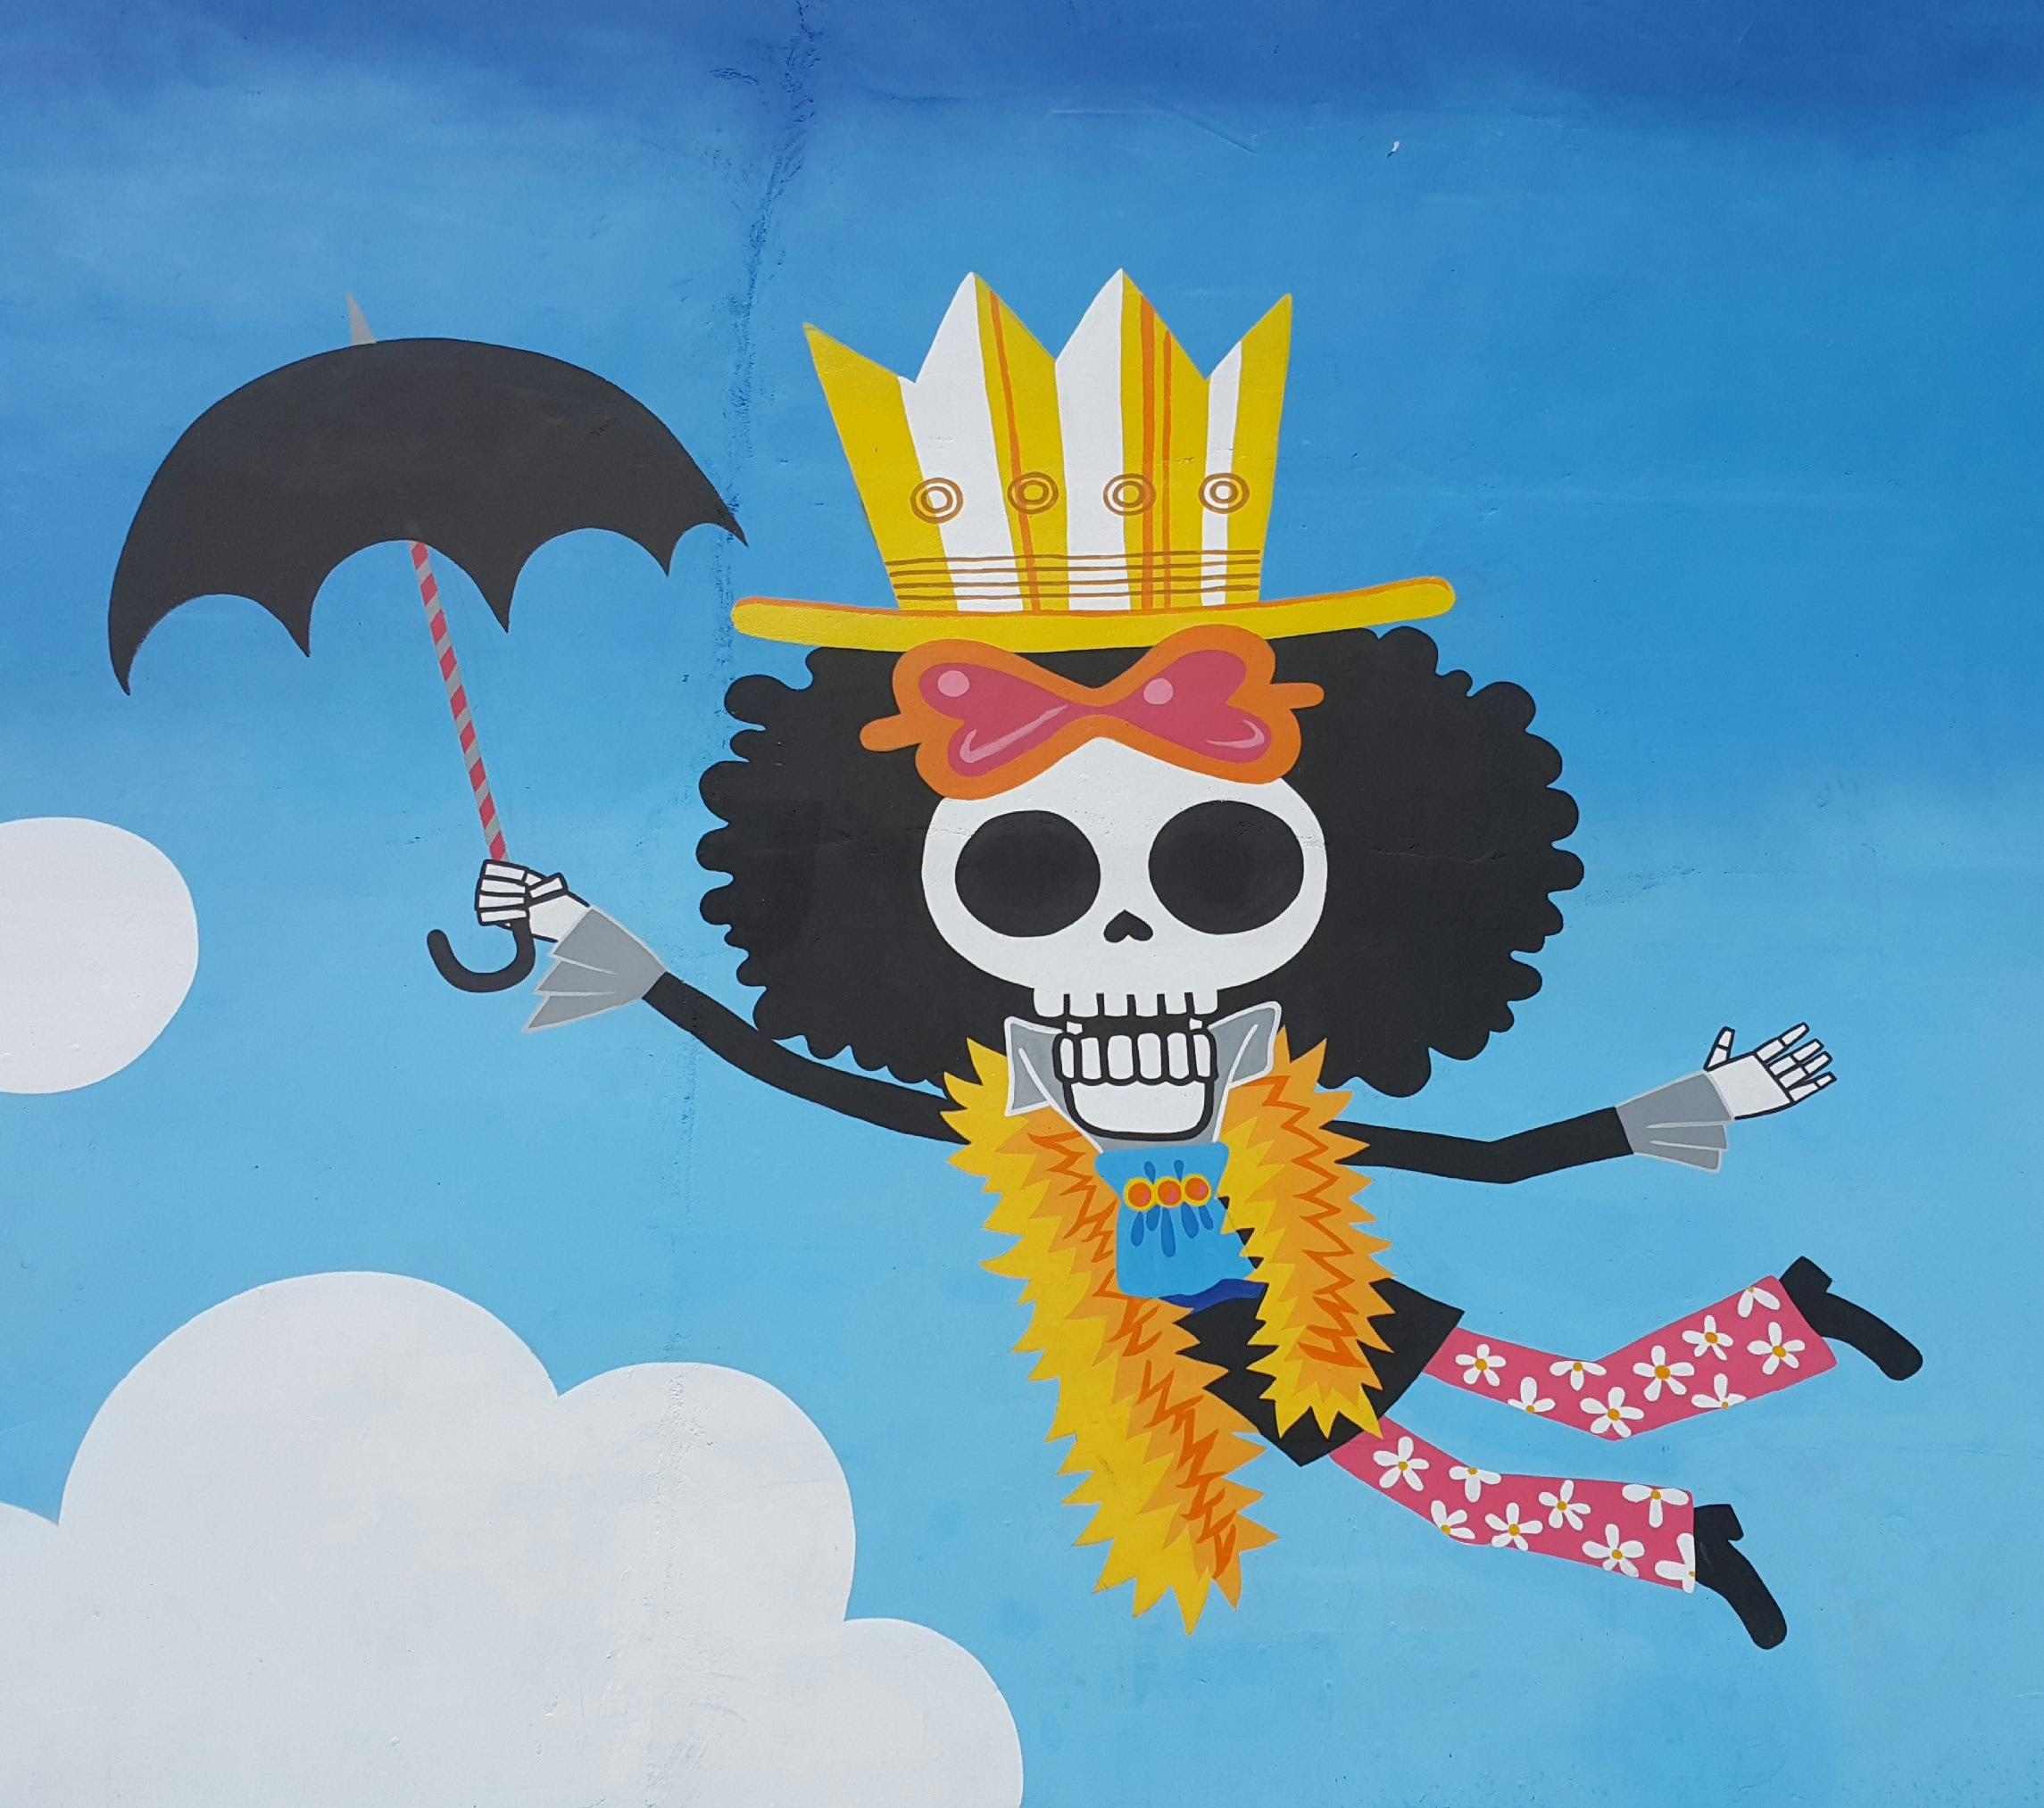 caravera, guarda-chuva, brega, palhaço, voar - Papéis de parede HD - Professor-falken.com